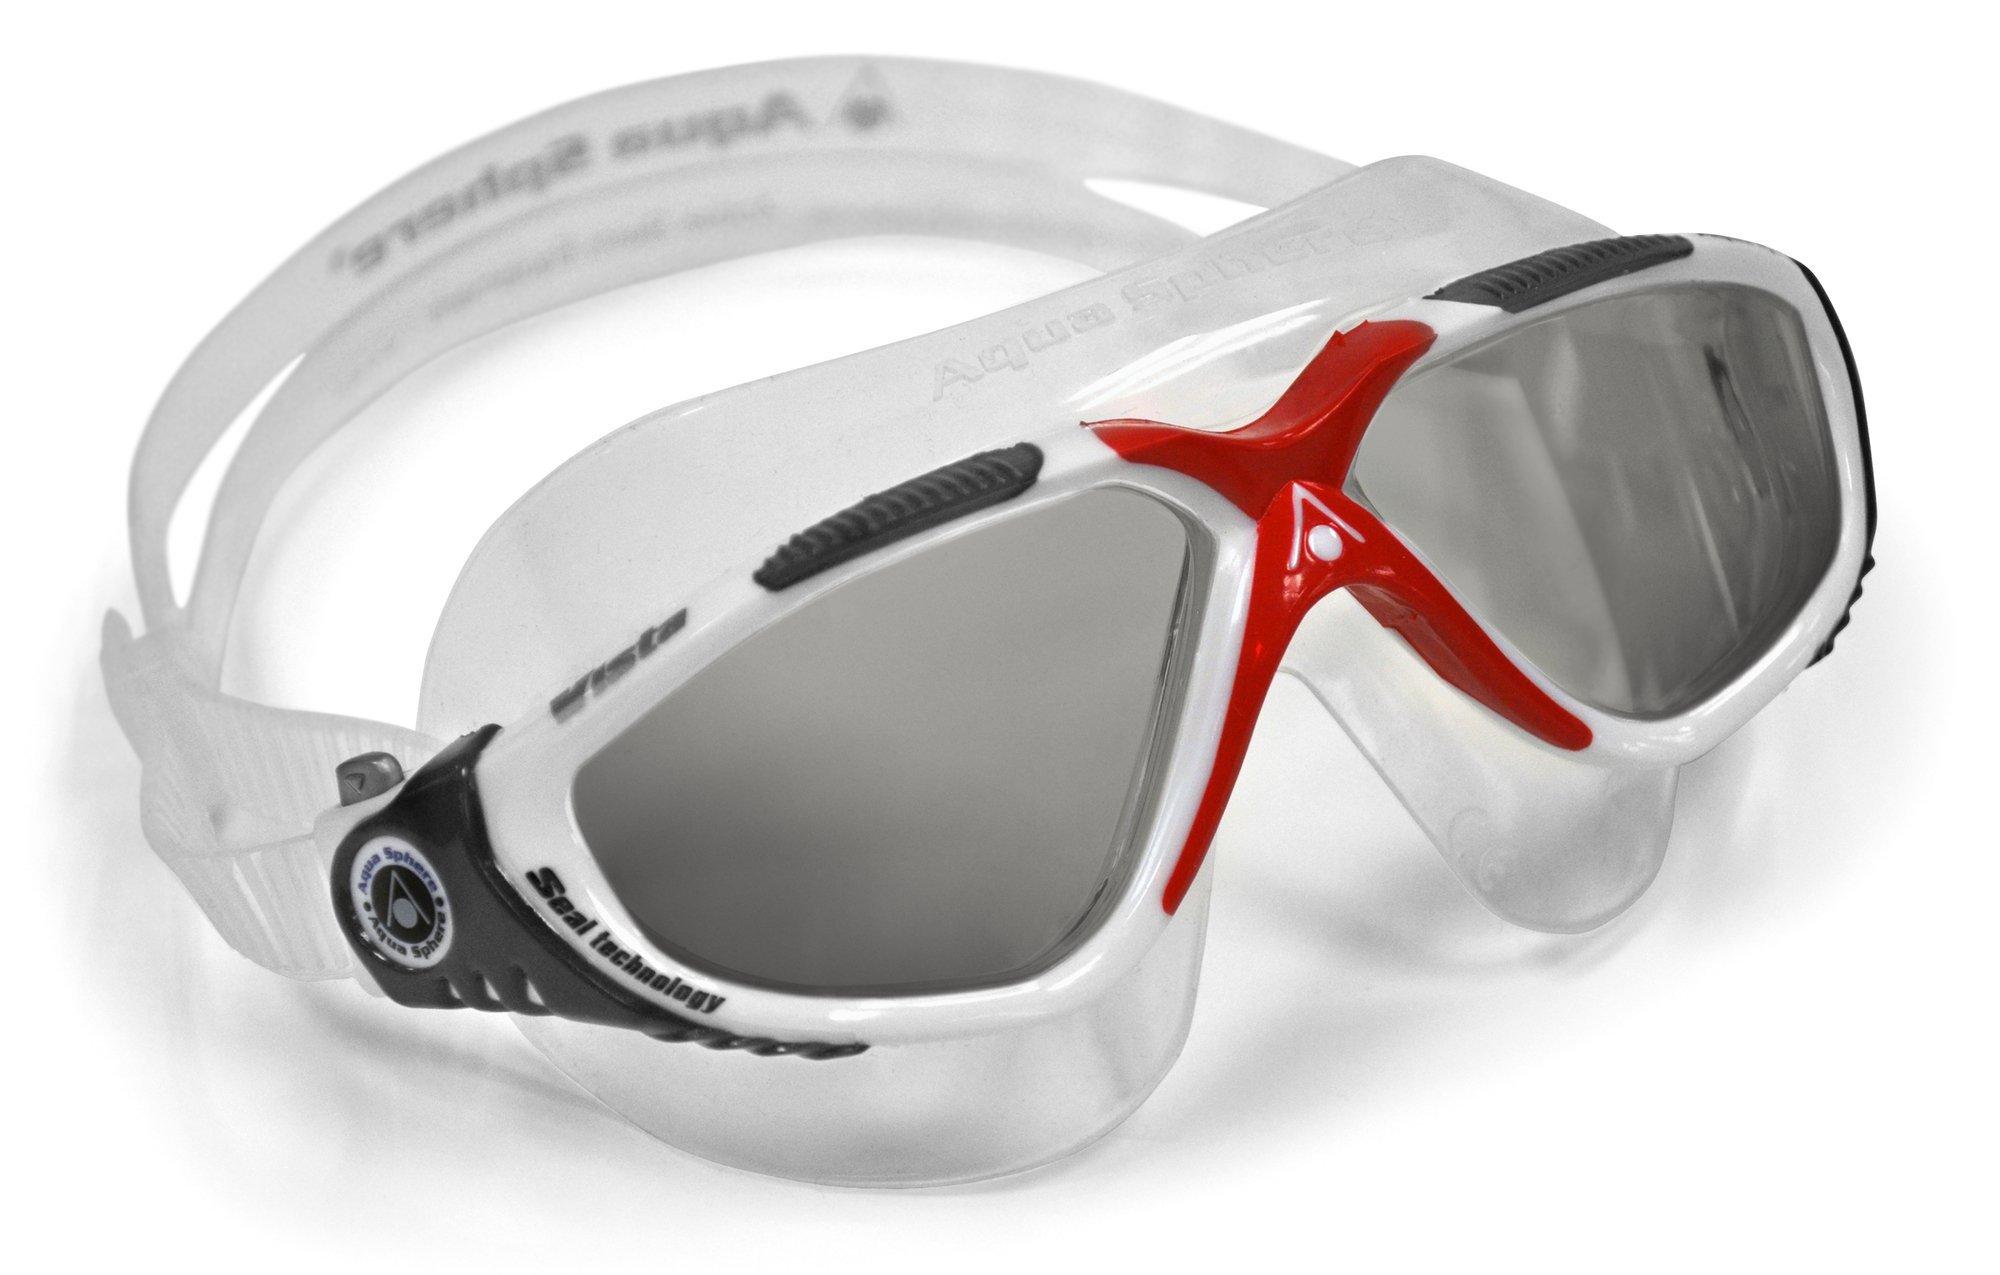 Aqua Sphere Vista Swim Mask Goggles, Smoke Lens, White/Red